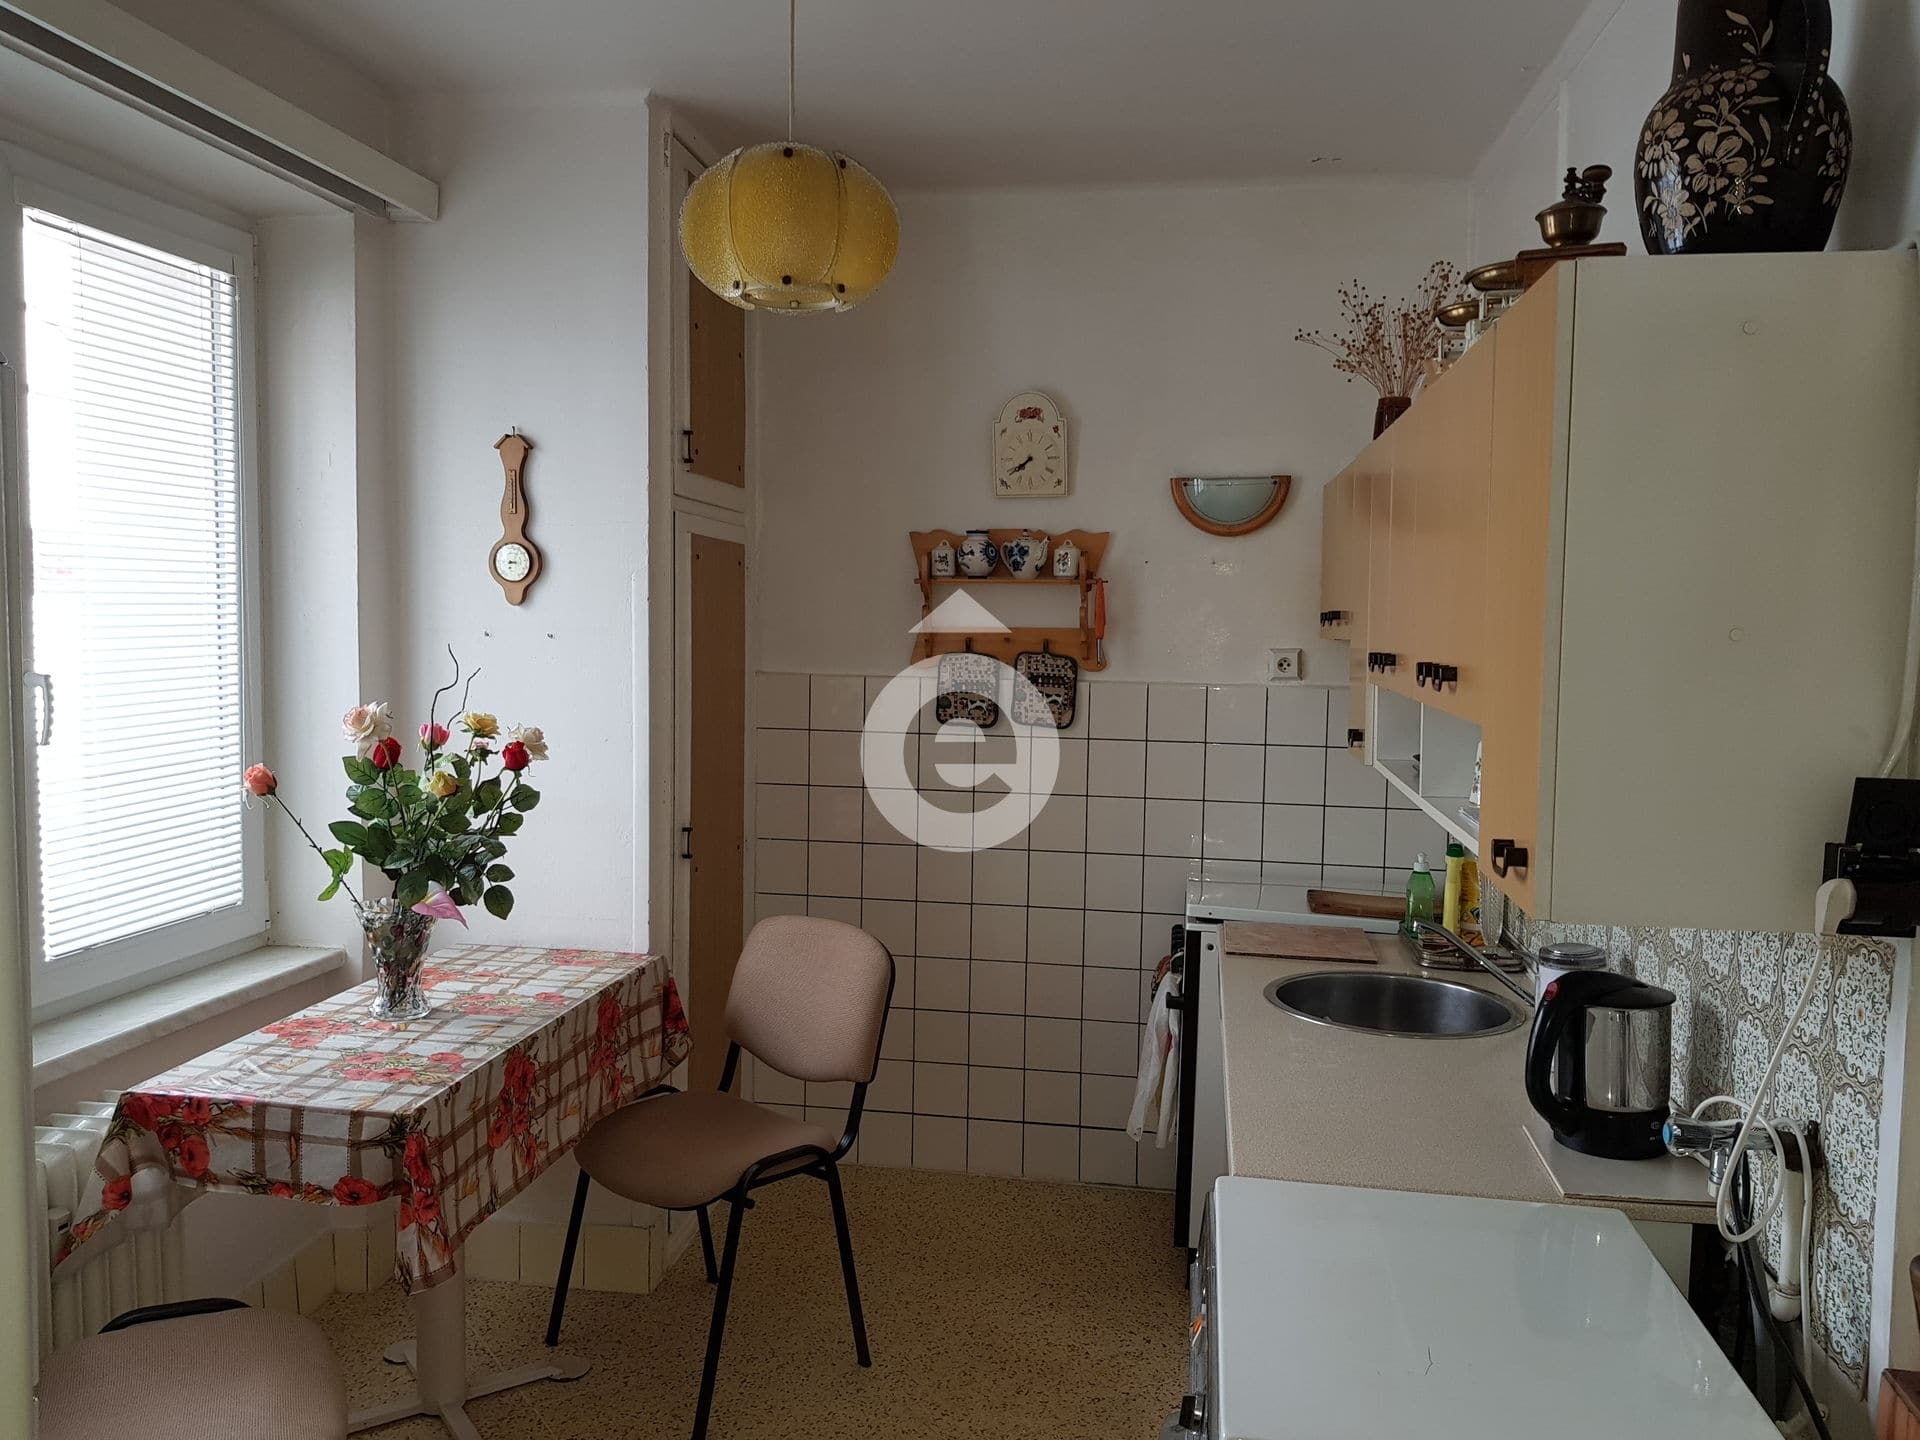 למכירה דירת 2+1 בגודל 48 מר בפראג 14 (3)